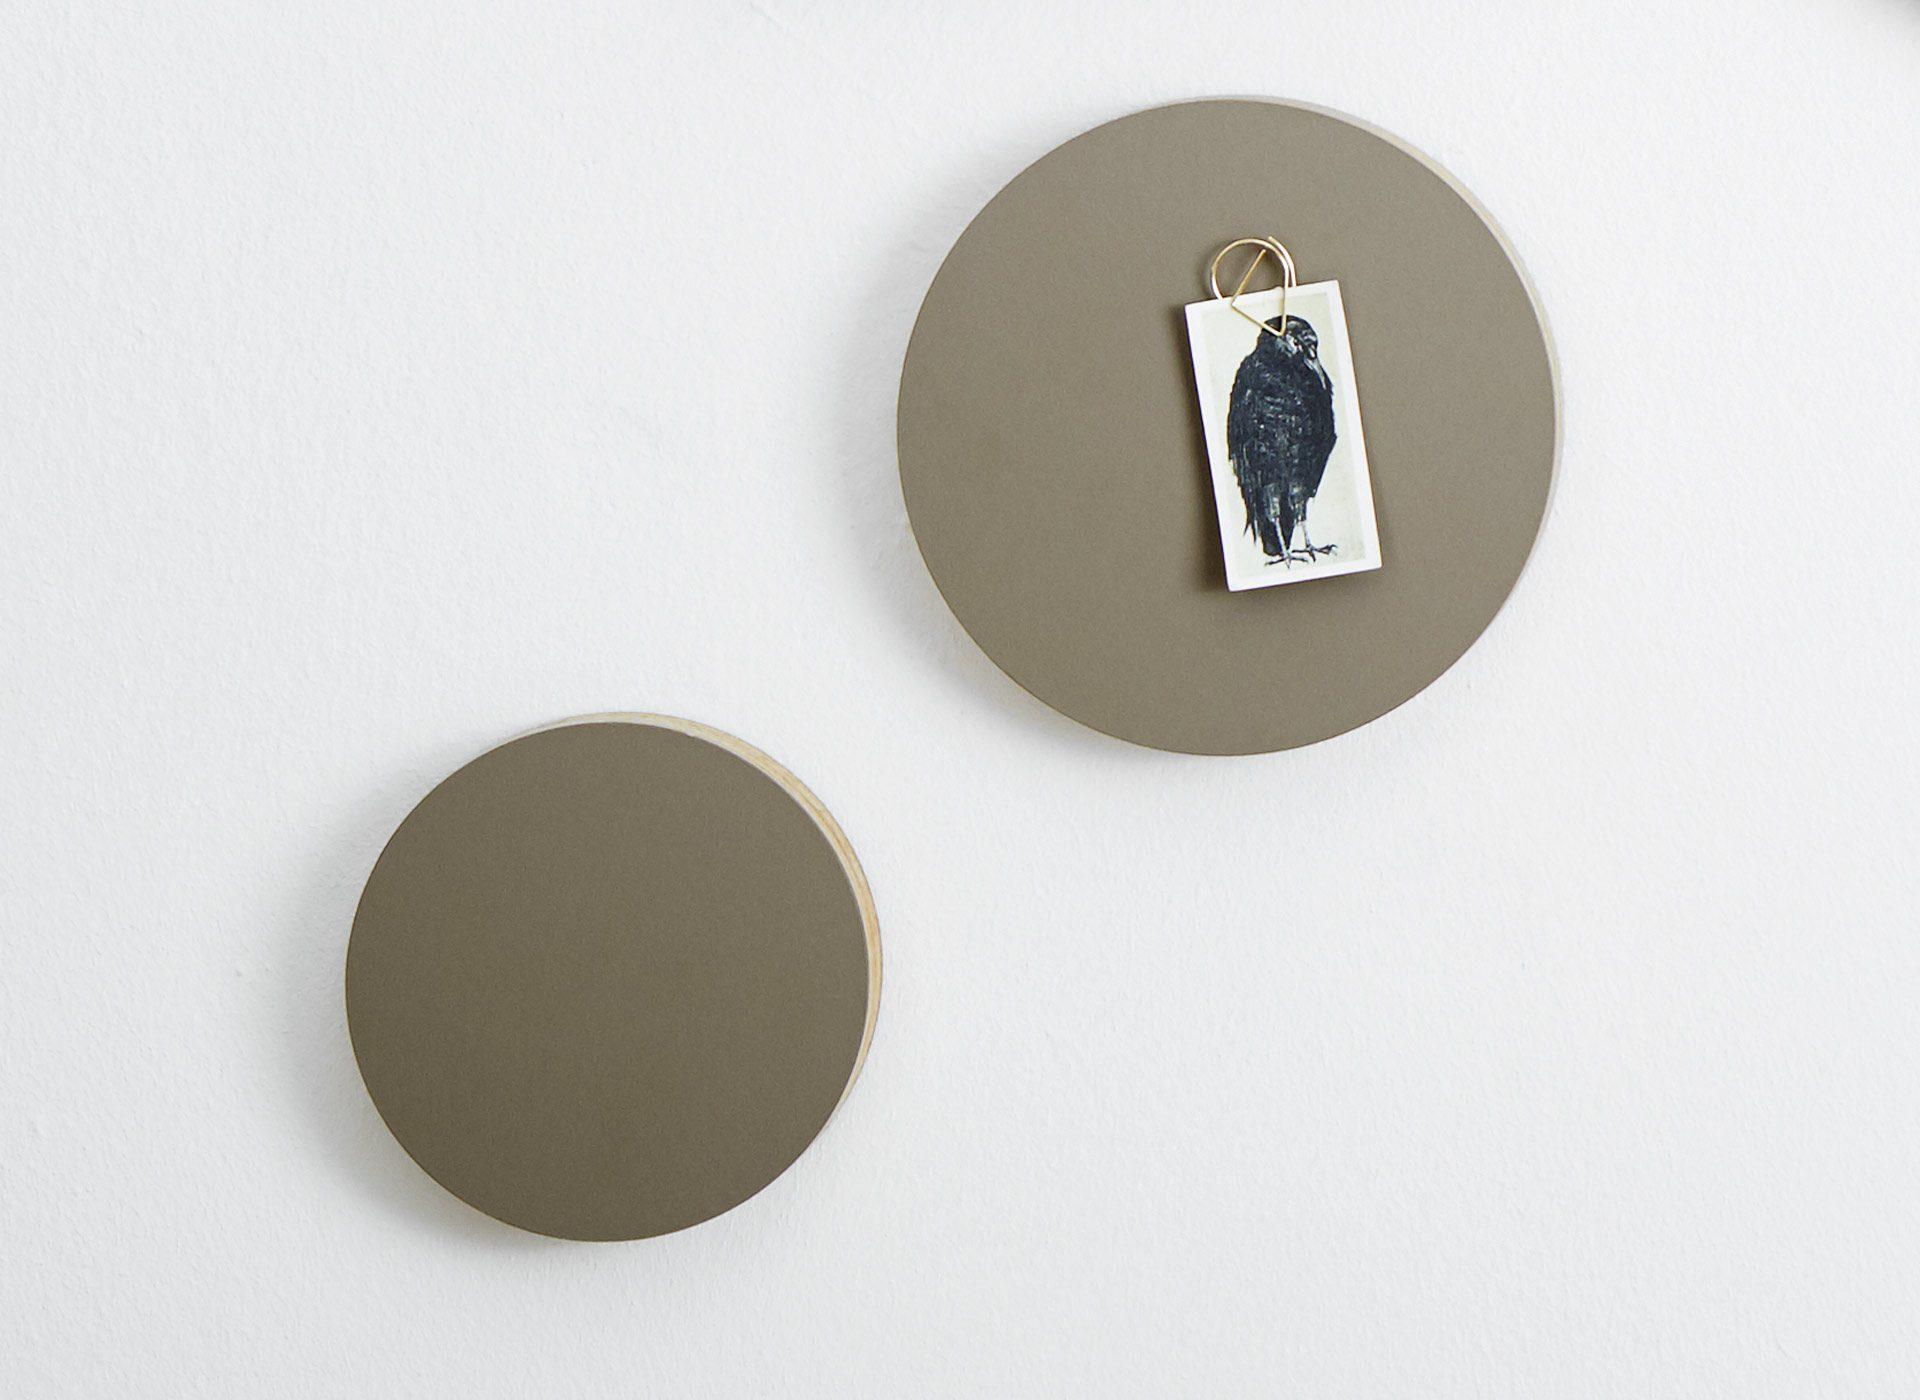 papoq-Tafel-Wolke-Kreise-magnetisch